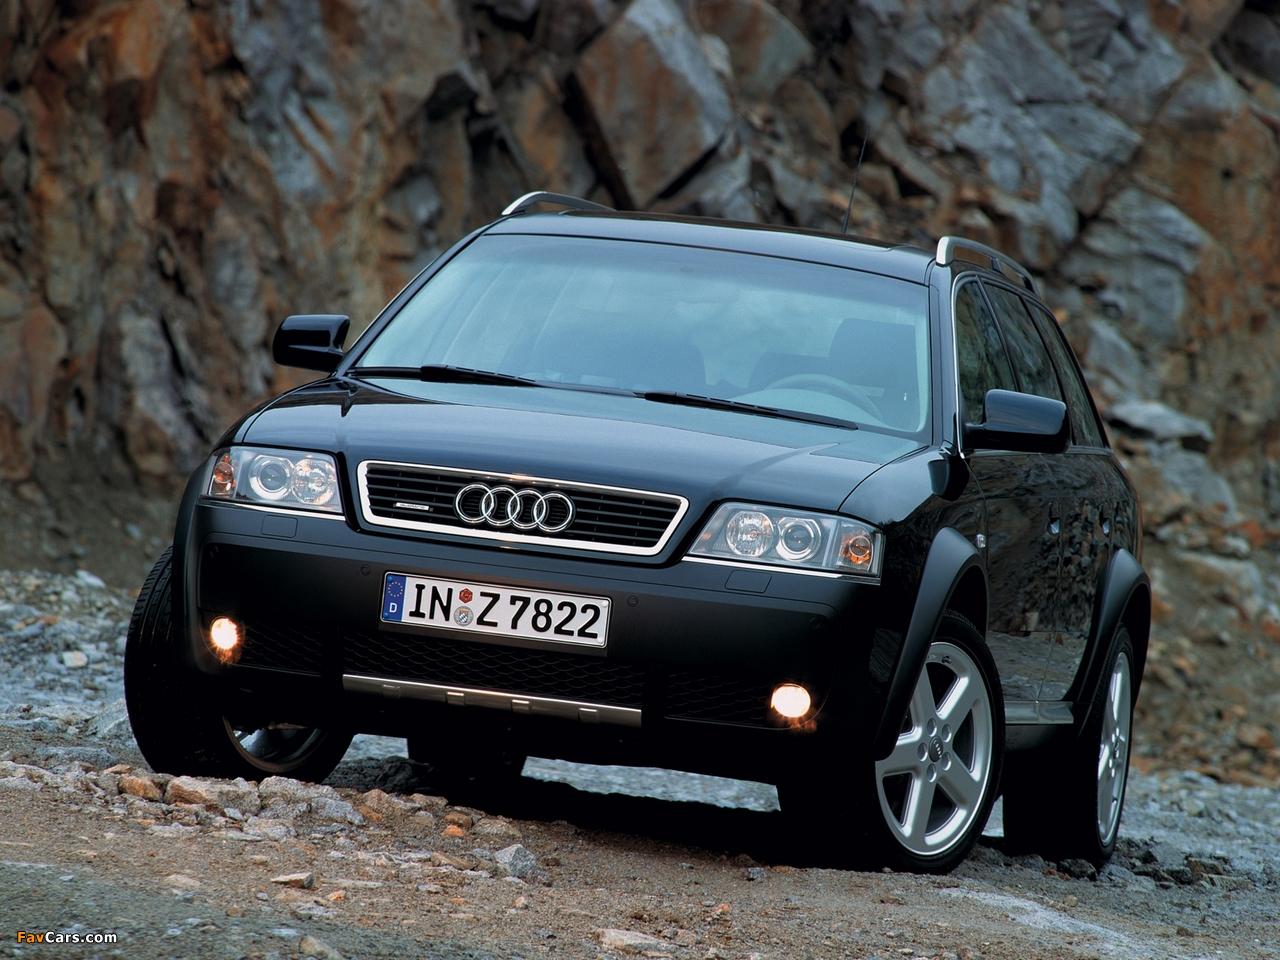 Audi Allroad 4 2 Quattro 4b C5 2000 06 Images 1280x960